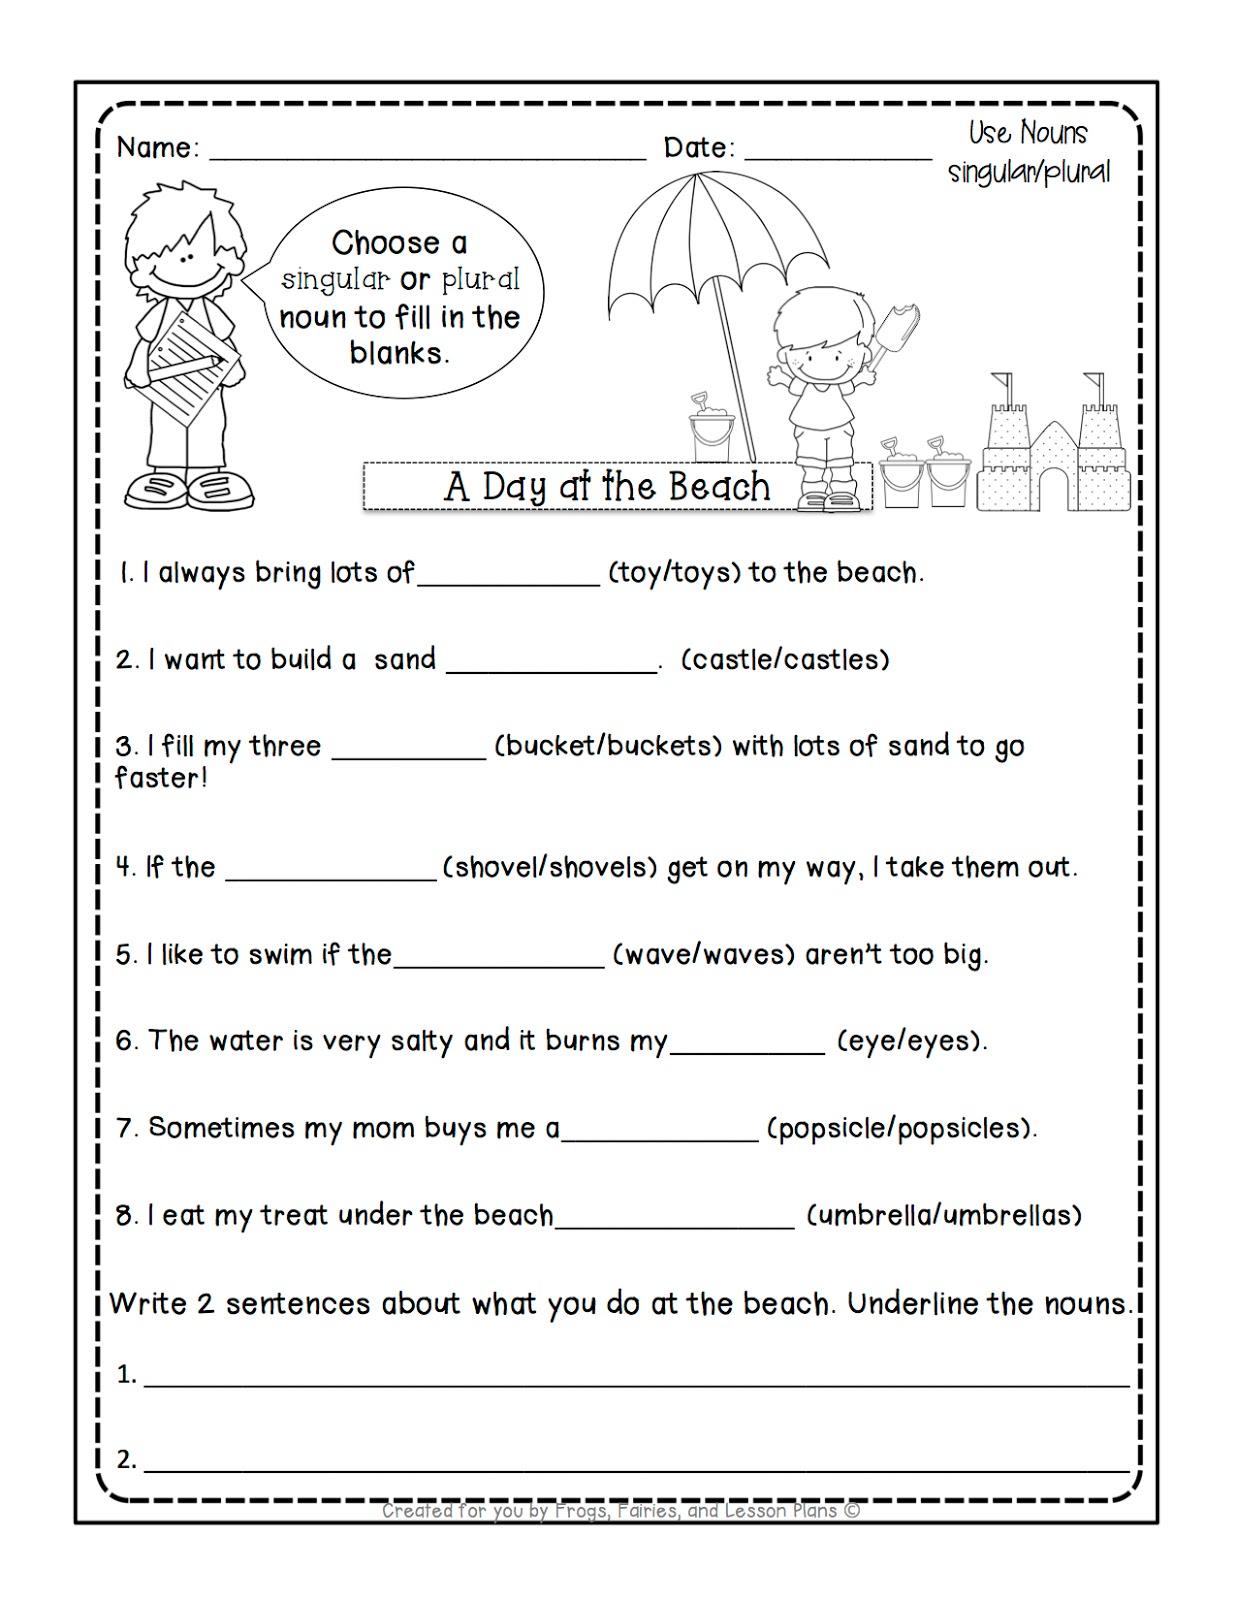 Singular or Plural Nouns Worksheet